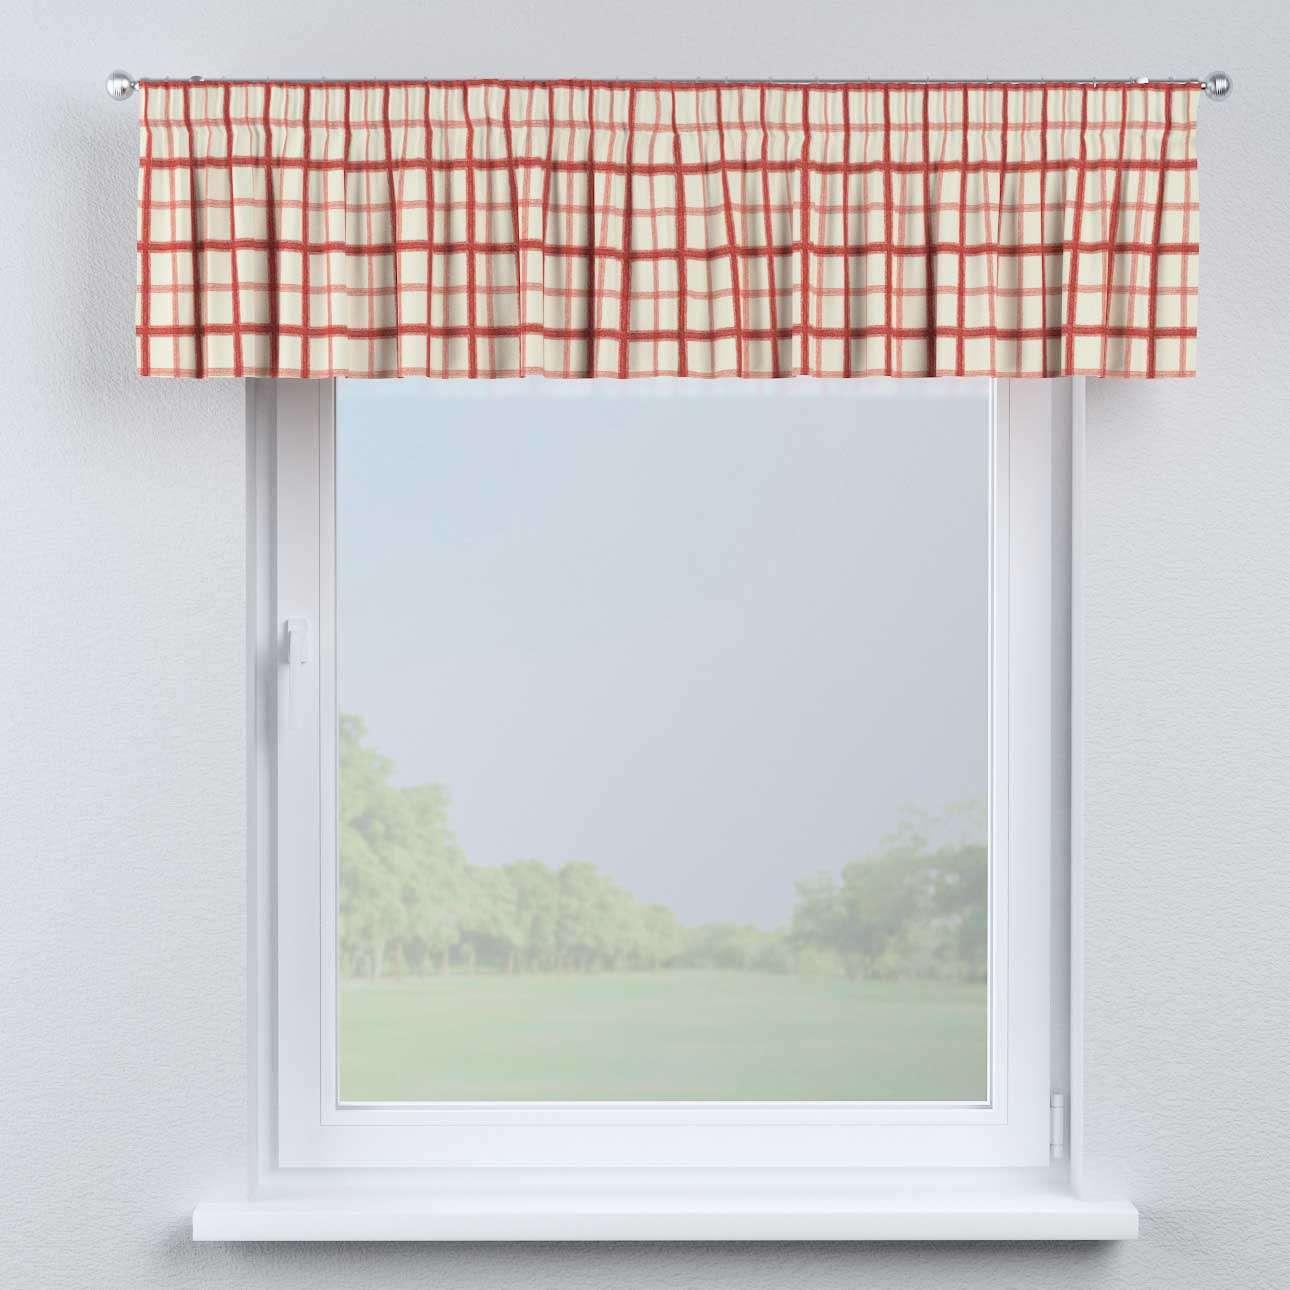 Lambrekin na taśmie marszczącej 130 x 40 cm w kolekcji Avinon, tkanina: 131-15